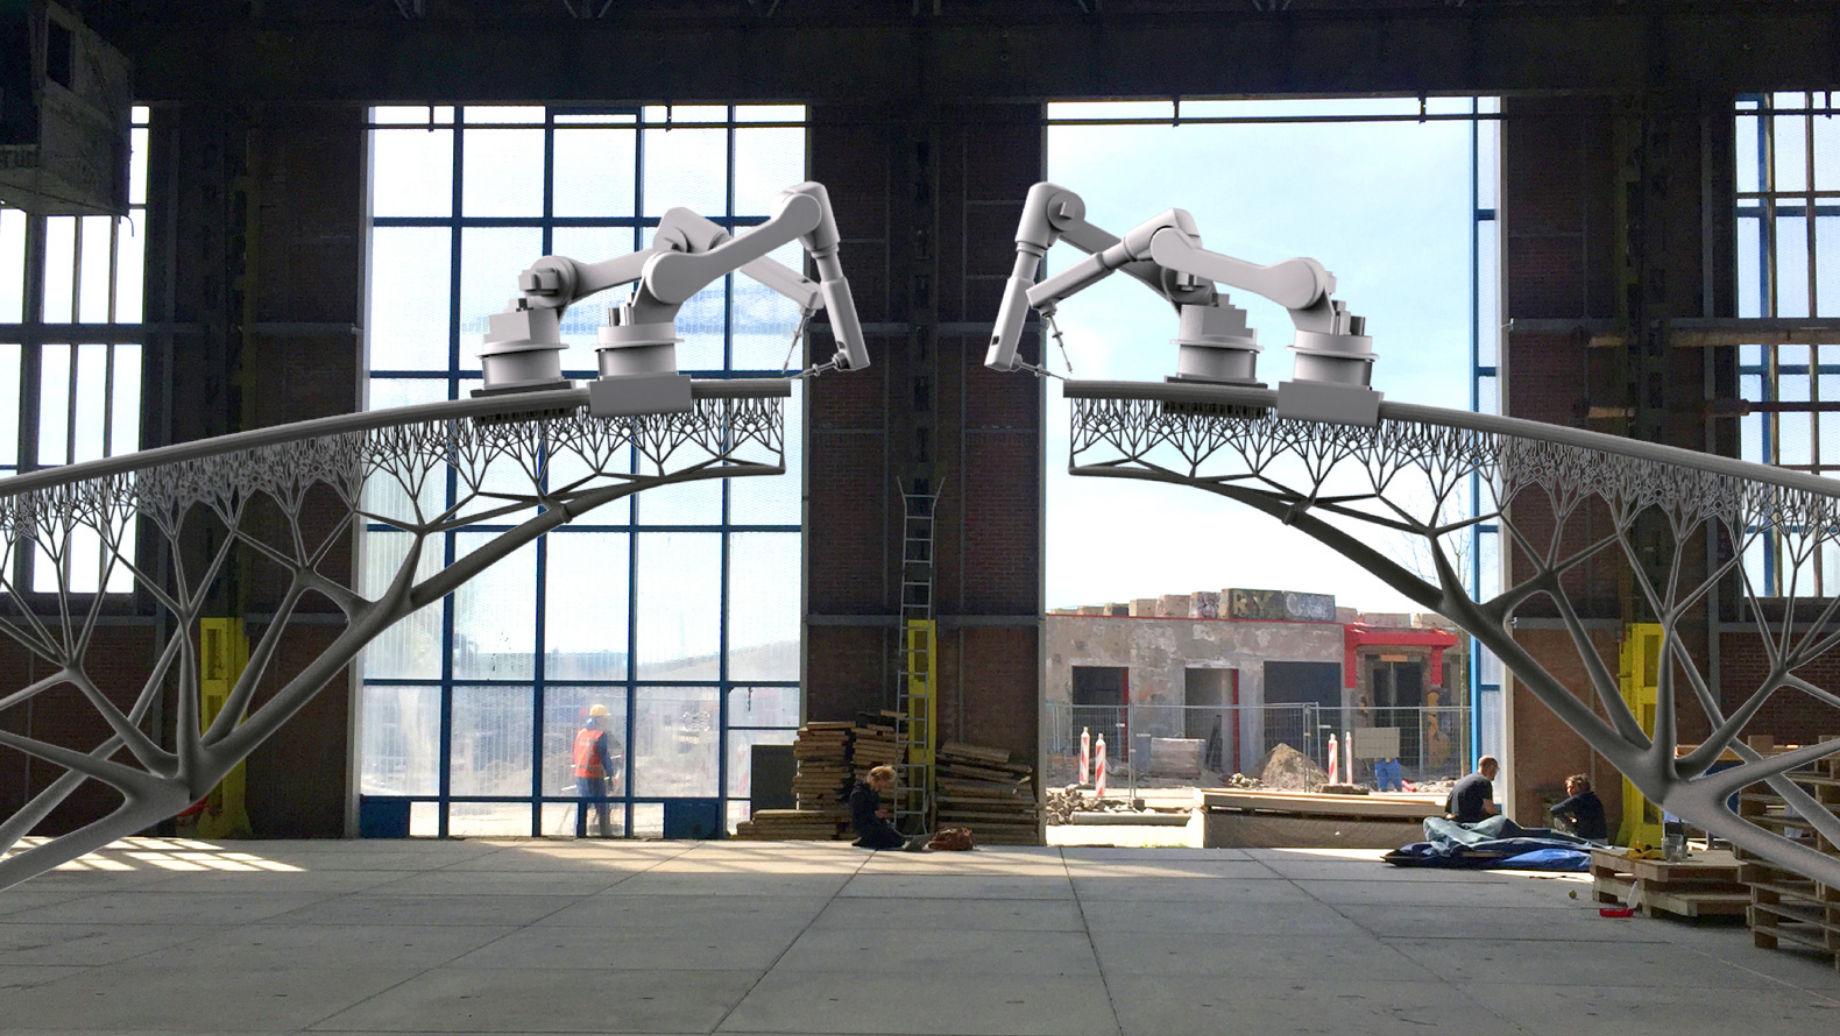 3D printed steel bridge by MX3D.